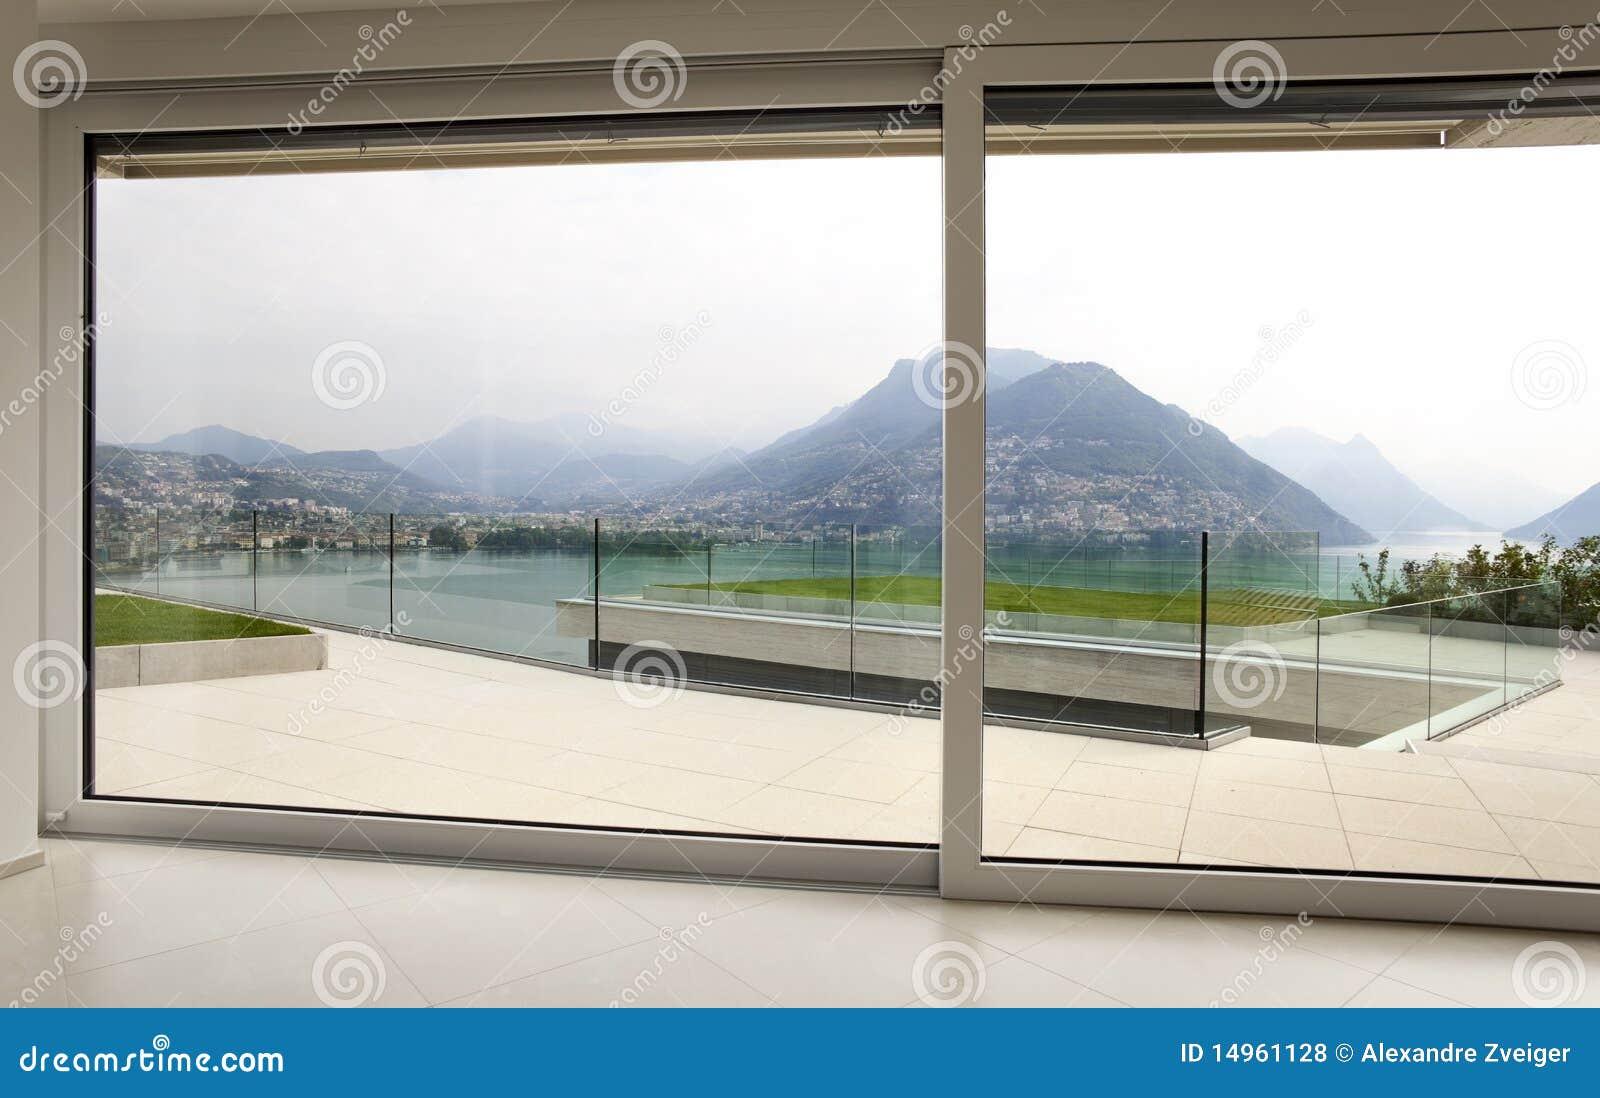 Bello interiore di una casa moderna